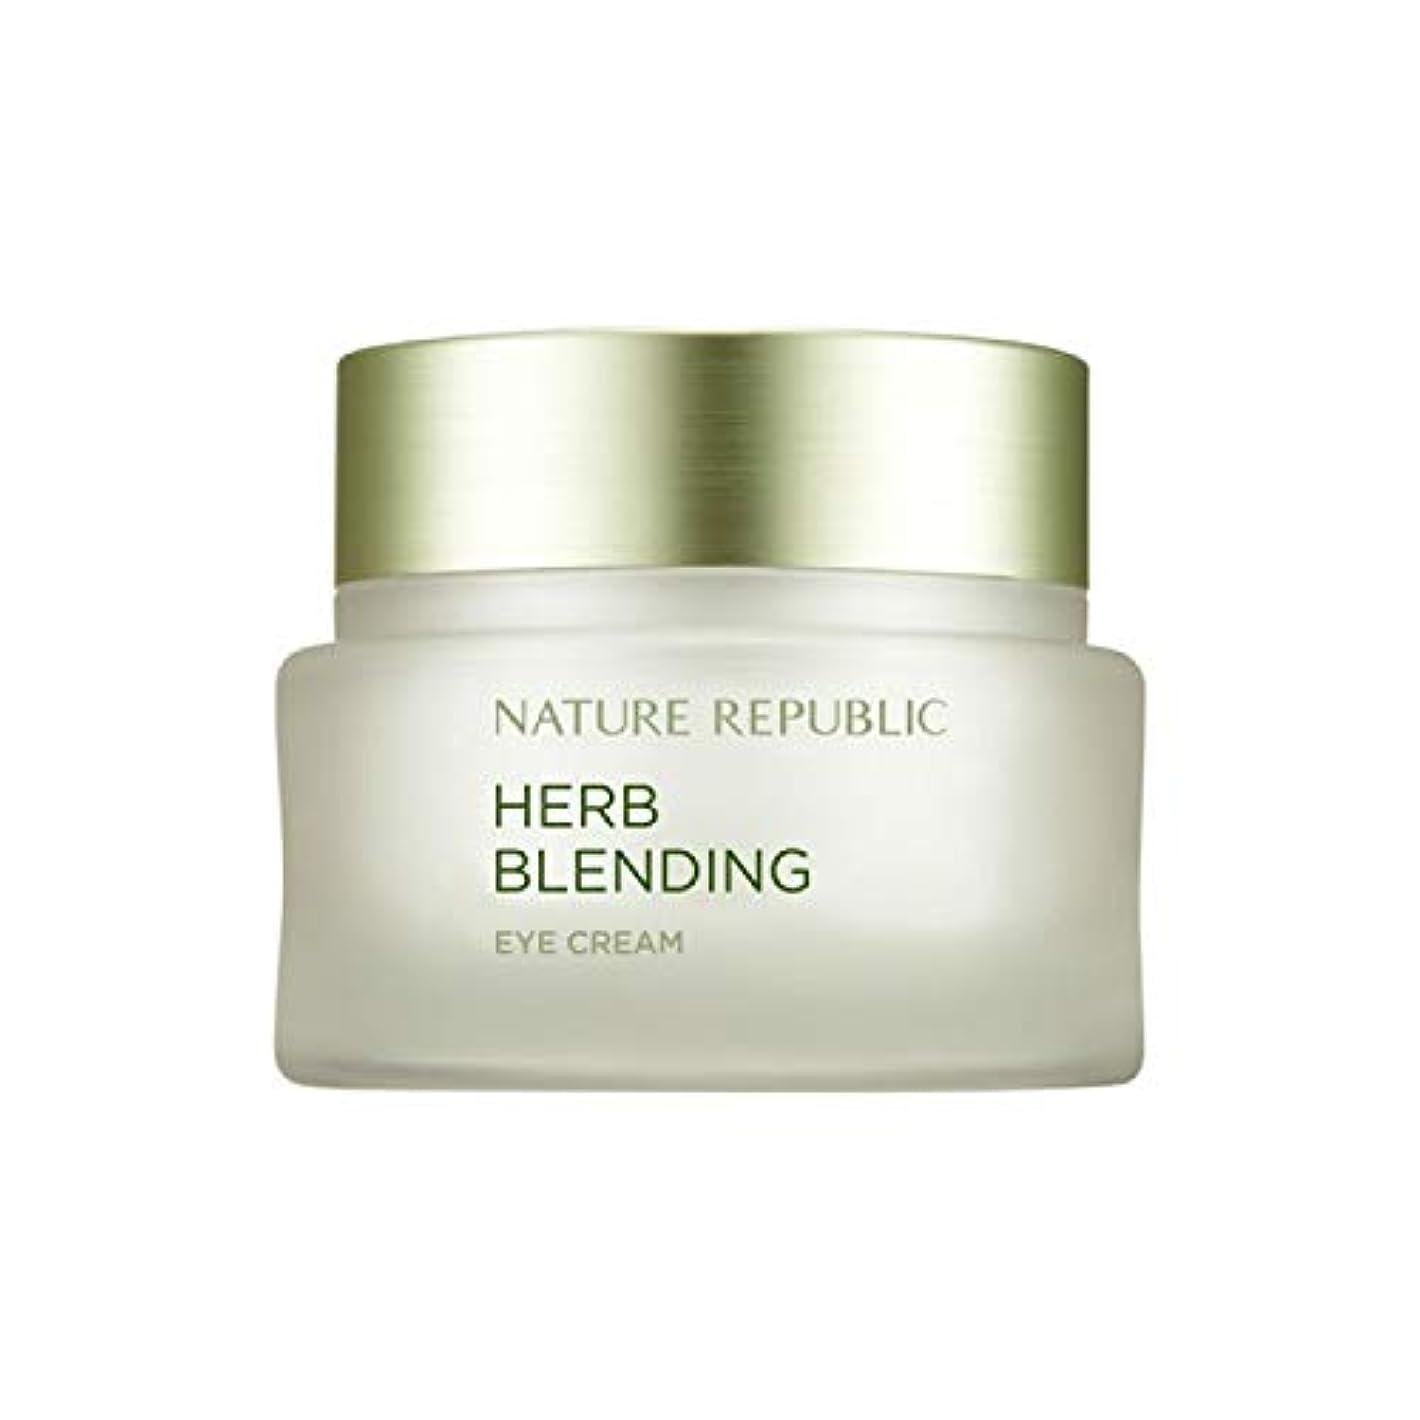 糞同性愛者洋服ネイチャーリパブリック(Nature Republic)ハブブレンドアイクリーム 25ml / Herb Blending Eye Cream 25ml :: 韓国コスメ [並行輸入品]